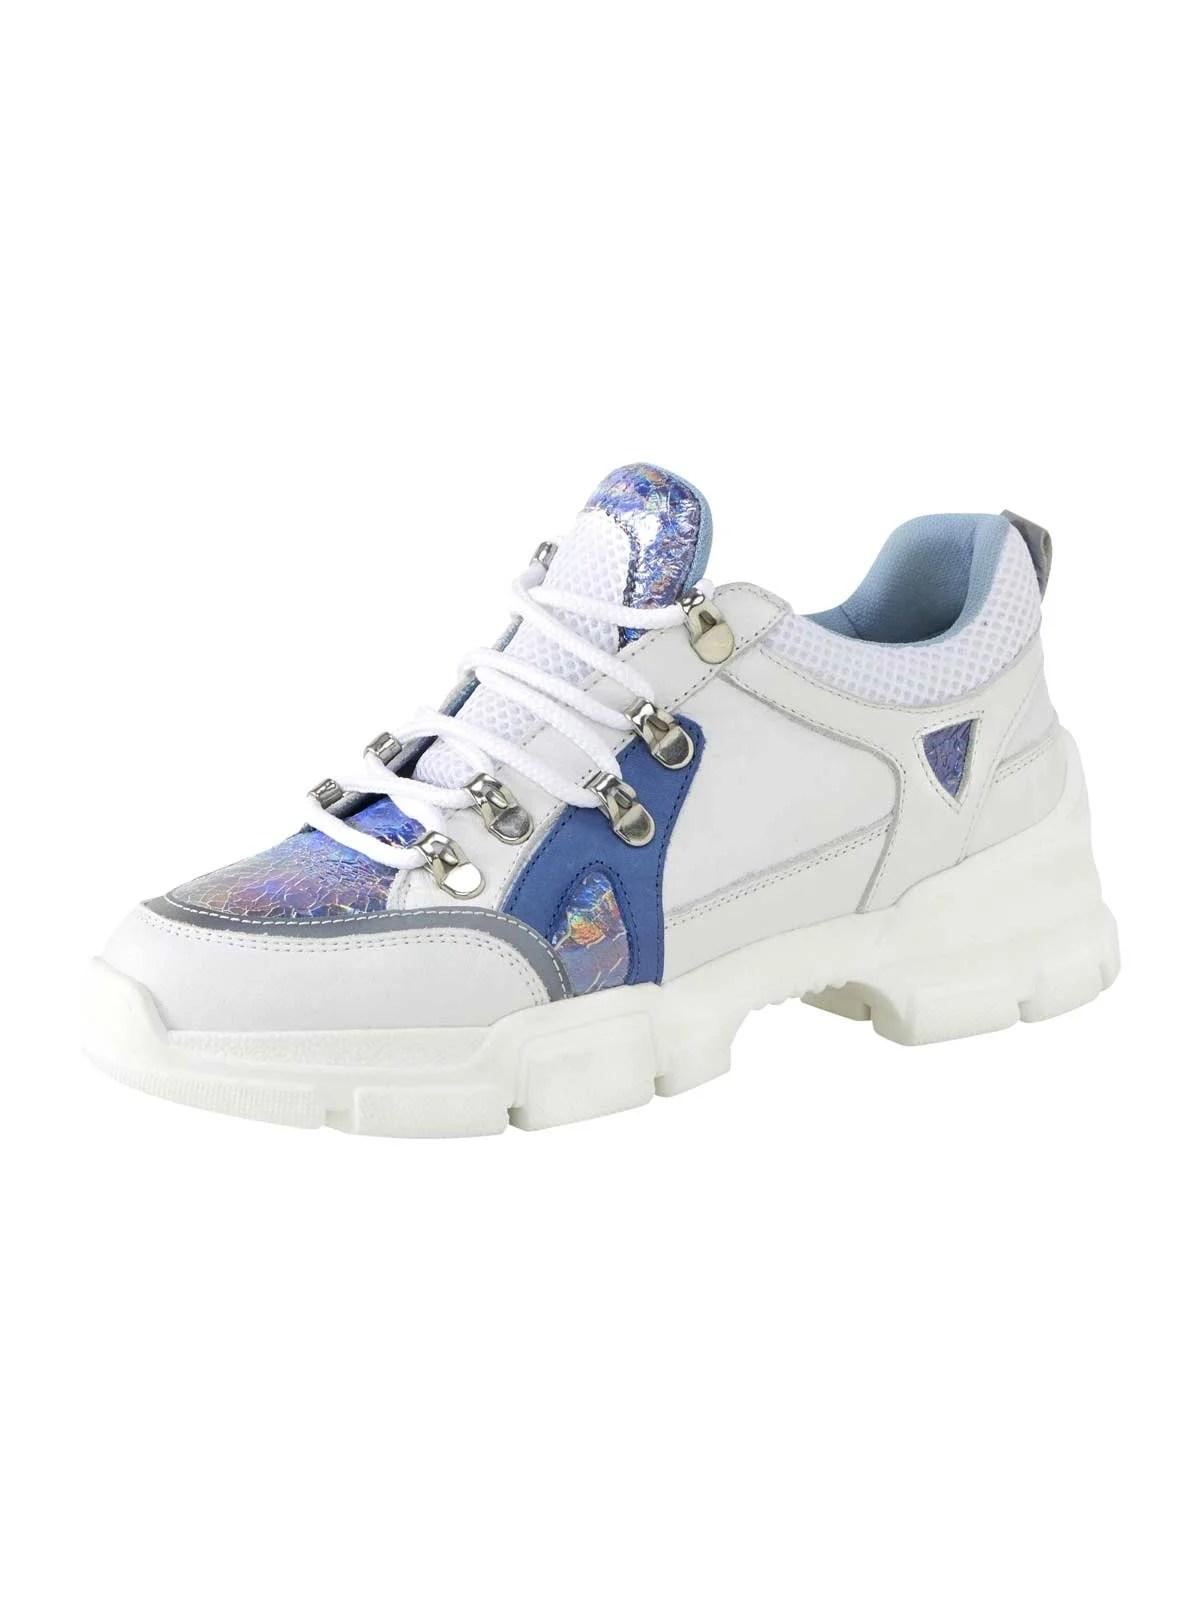 bequeme Schuhe HEINE Leder-Sneaker, weiß-blau-silberfarben 656.253 Missforty.